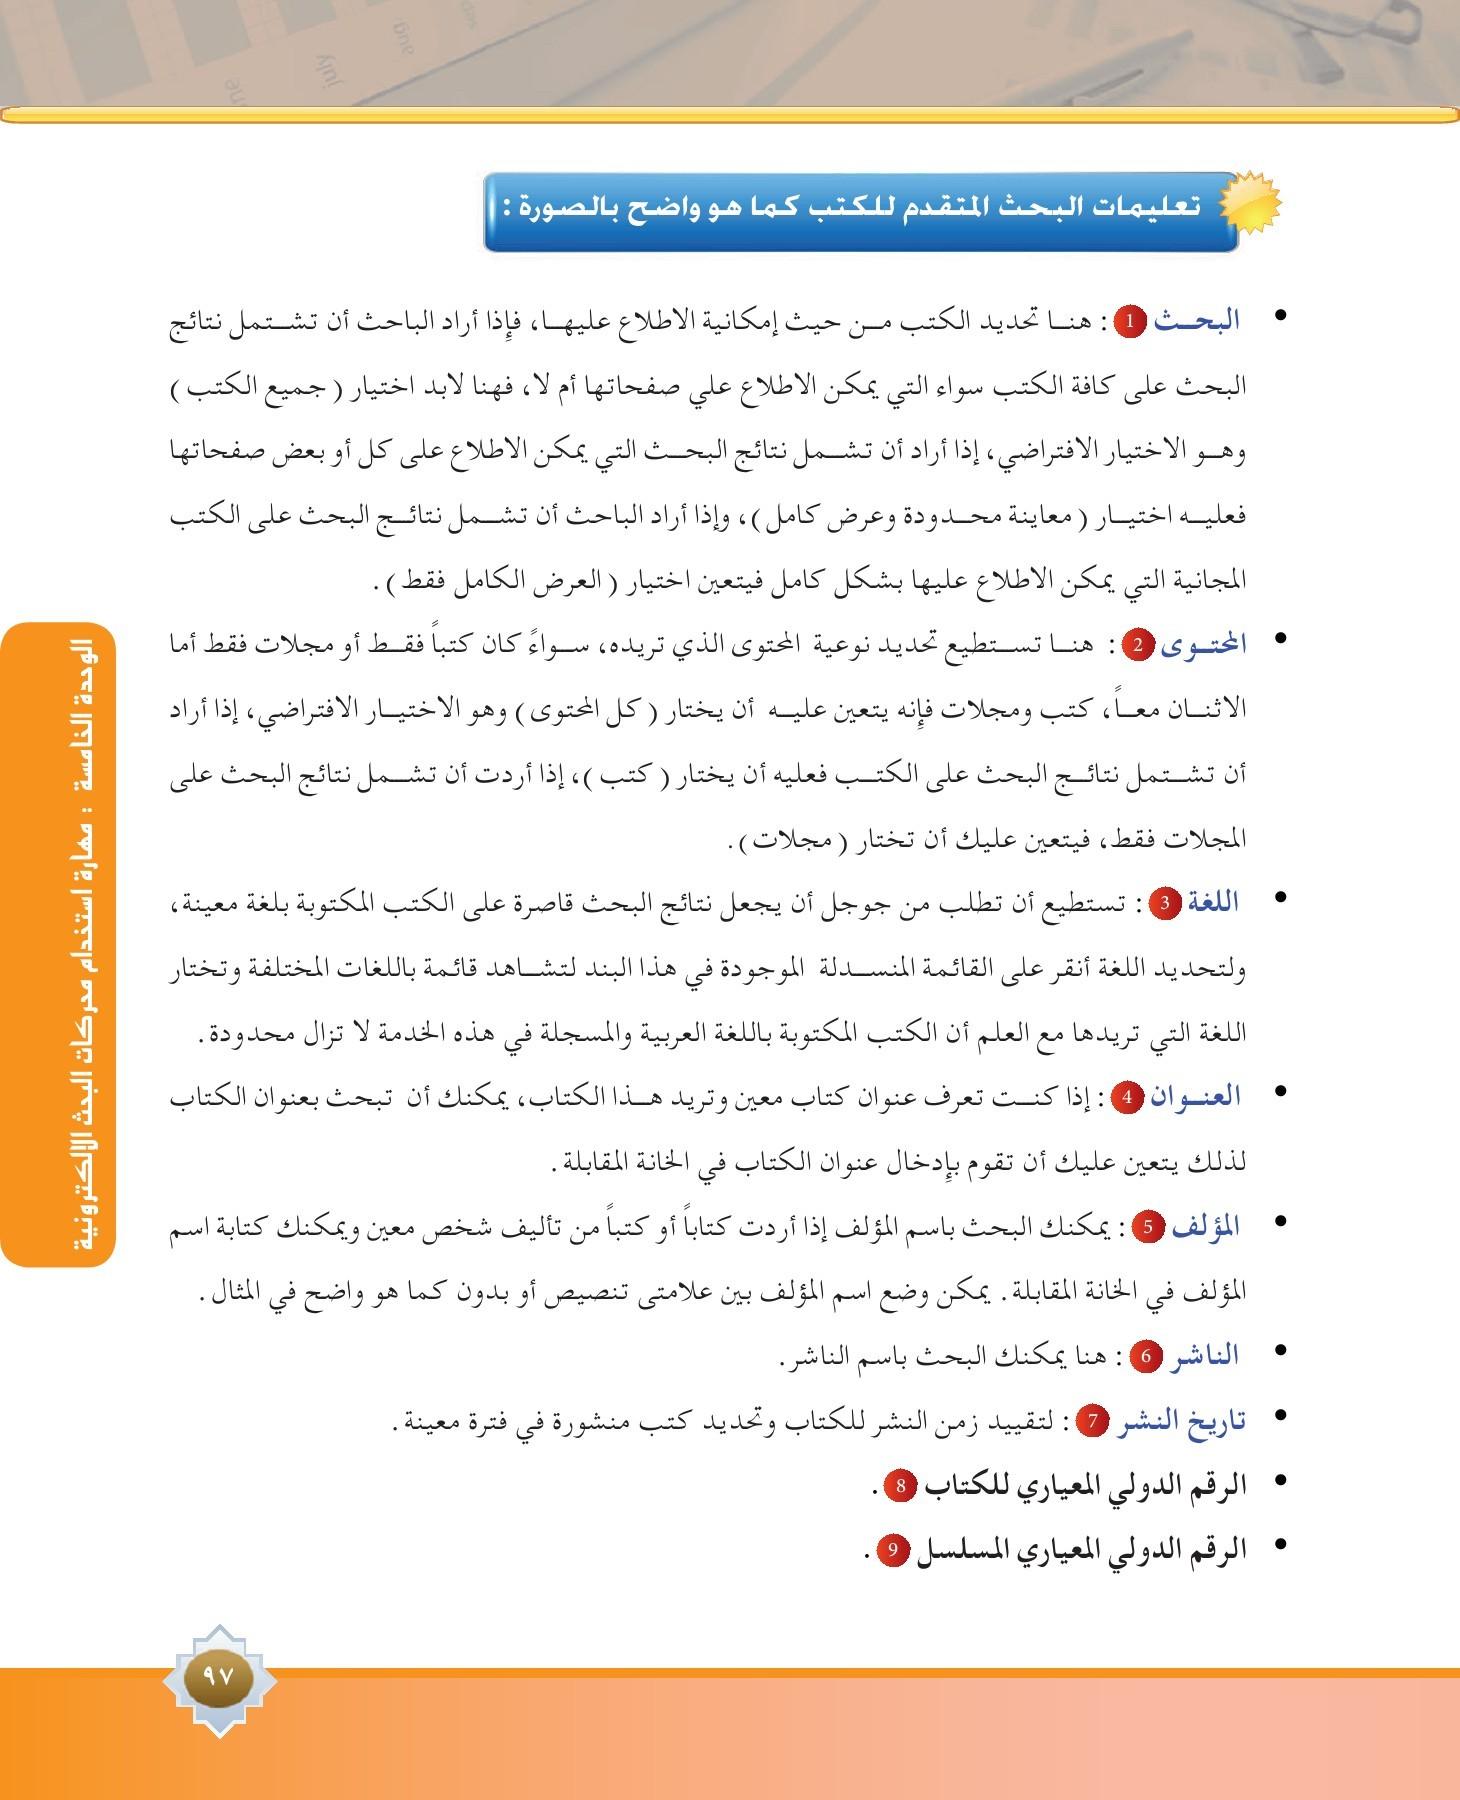 مهارات البحث ومصادر المعلوماتكتاب الطالب Flip Book Pages 101 150 Pubhtml5